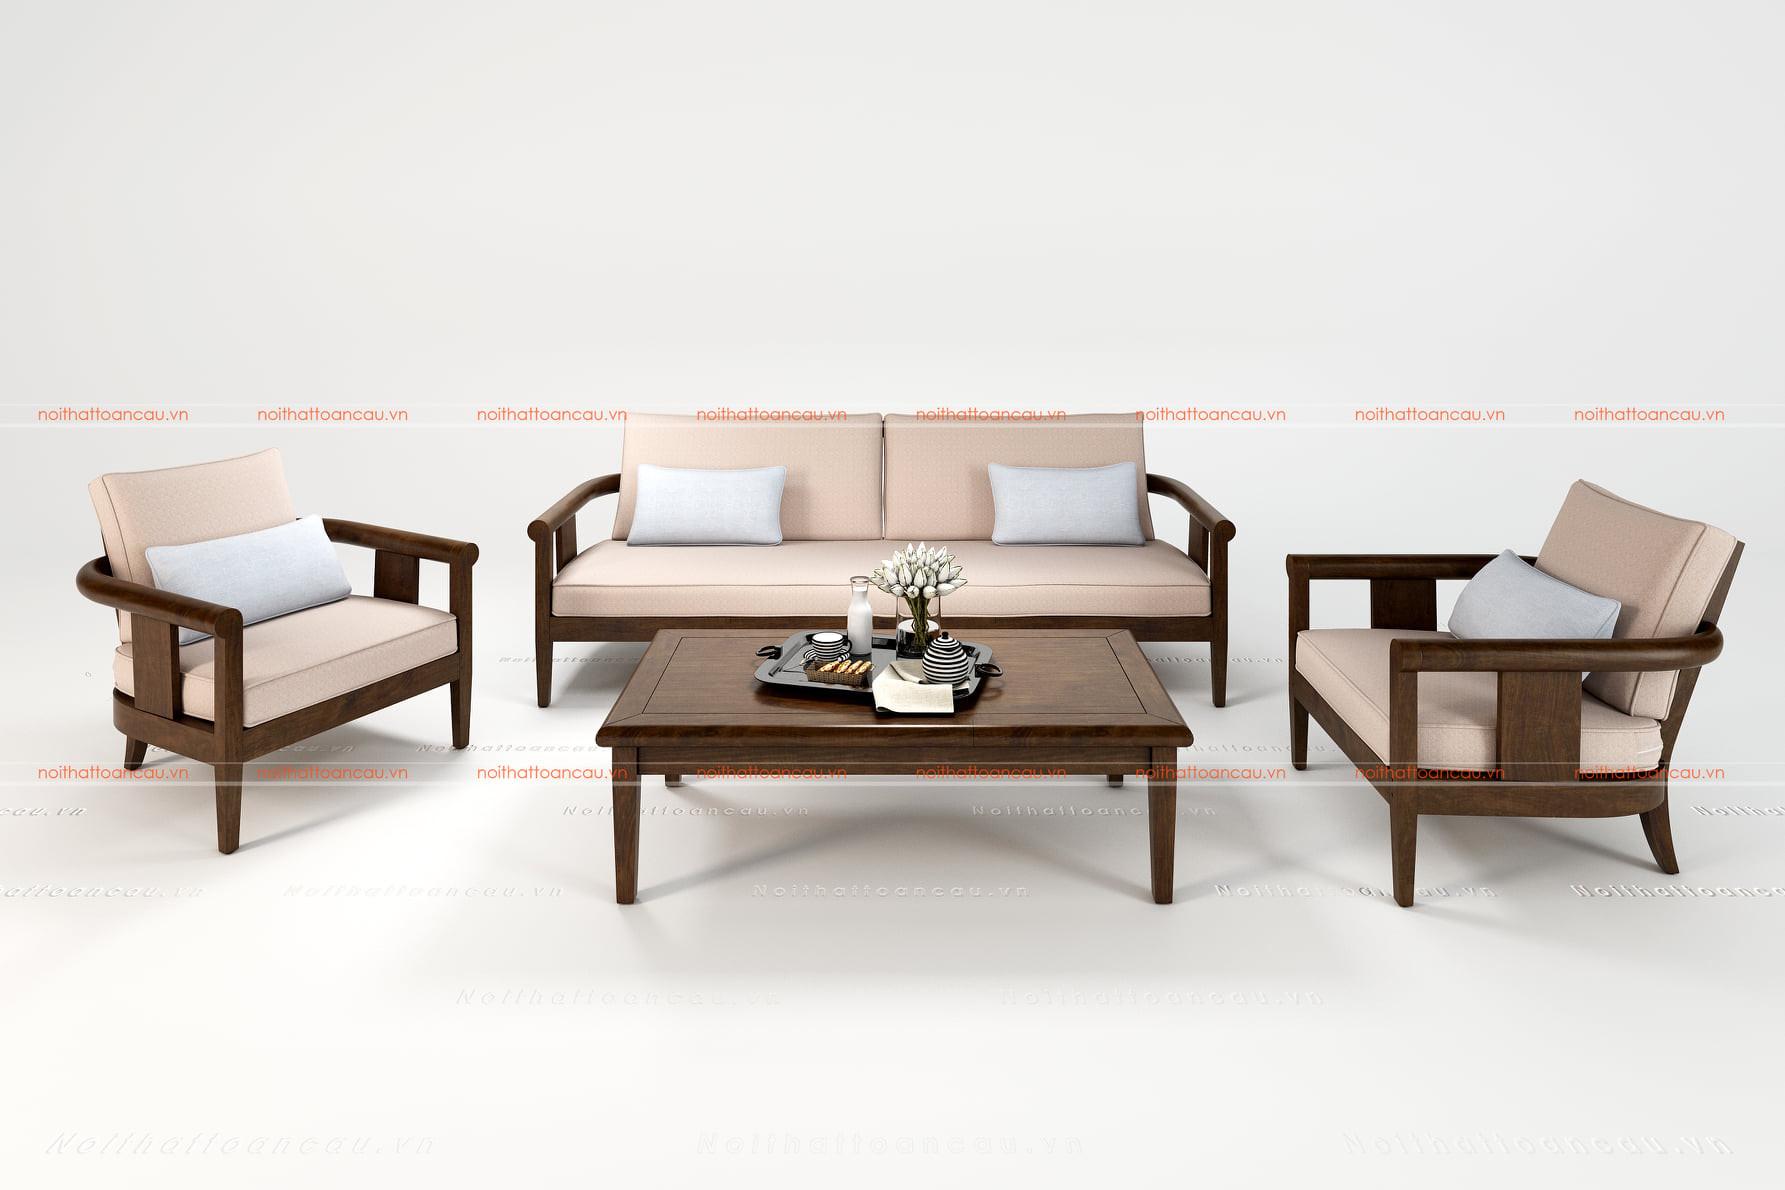 Bàn ghế gỗ gụ hiện đại 13